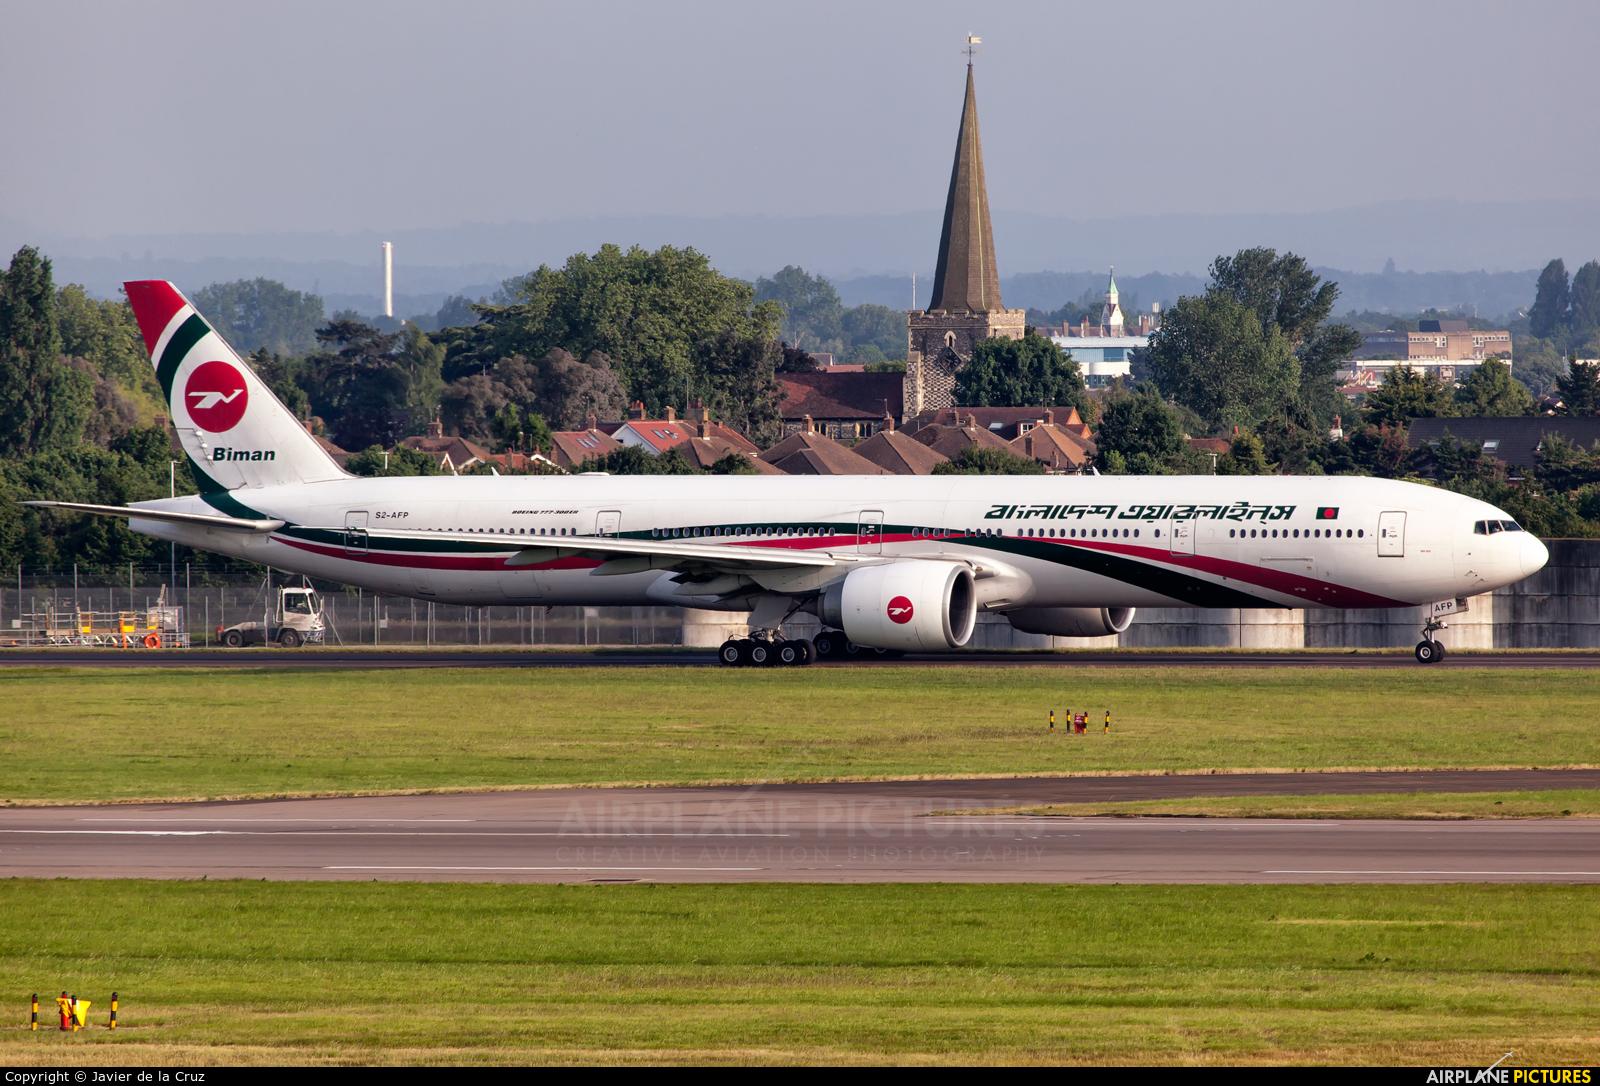 Biman Bangladesh S2-AFP aircraft at London - Heathrow